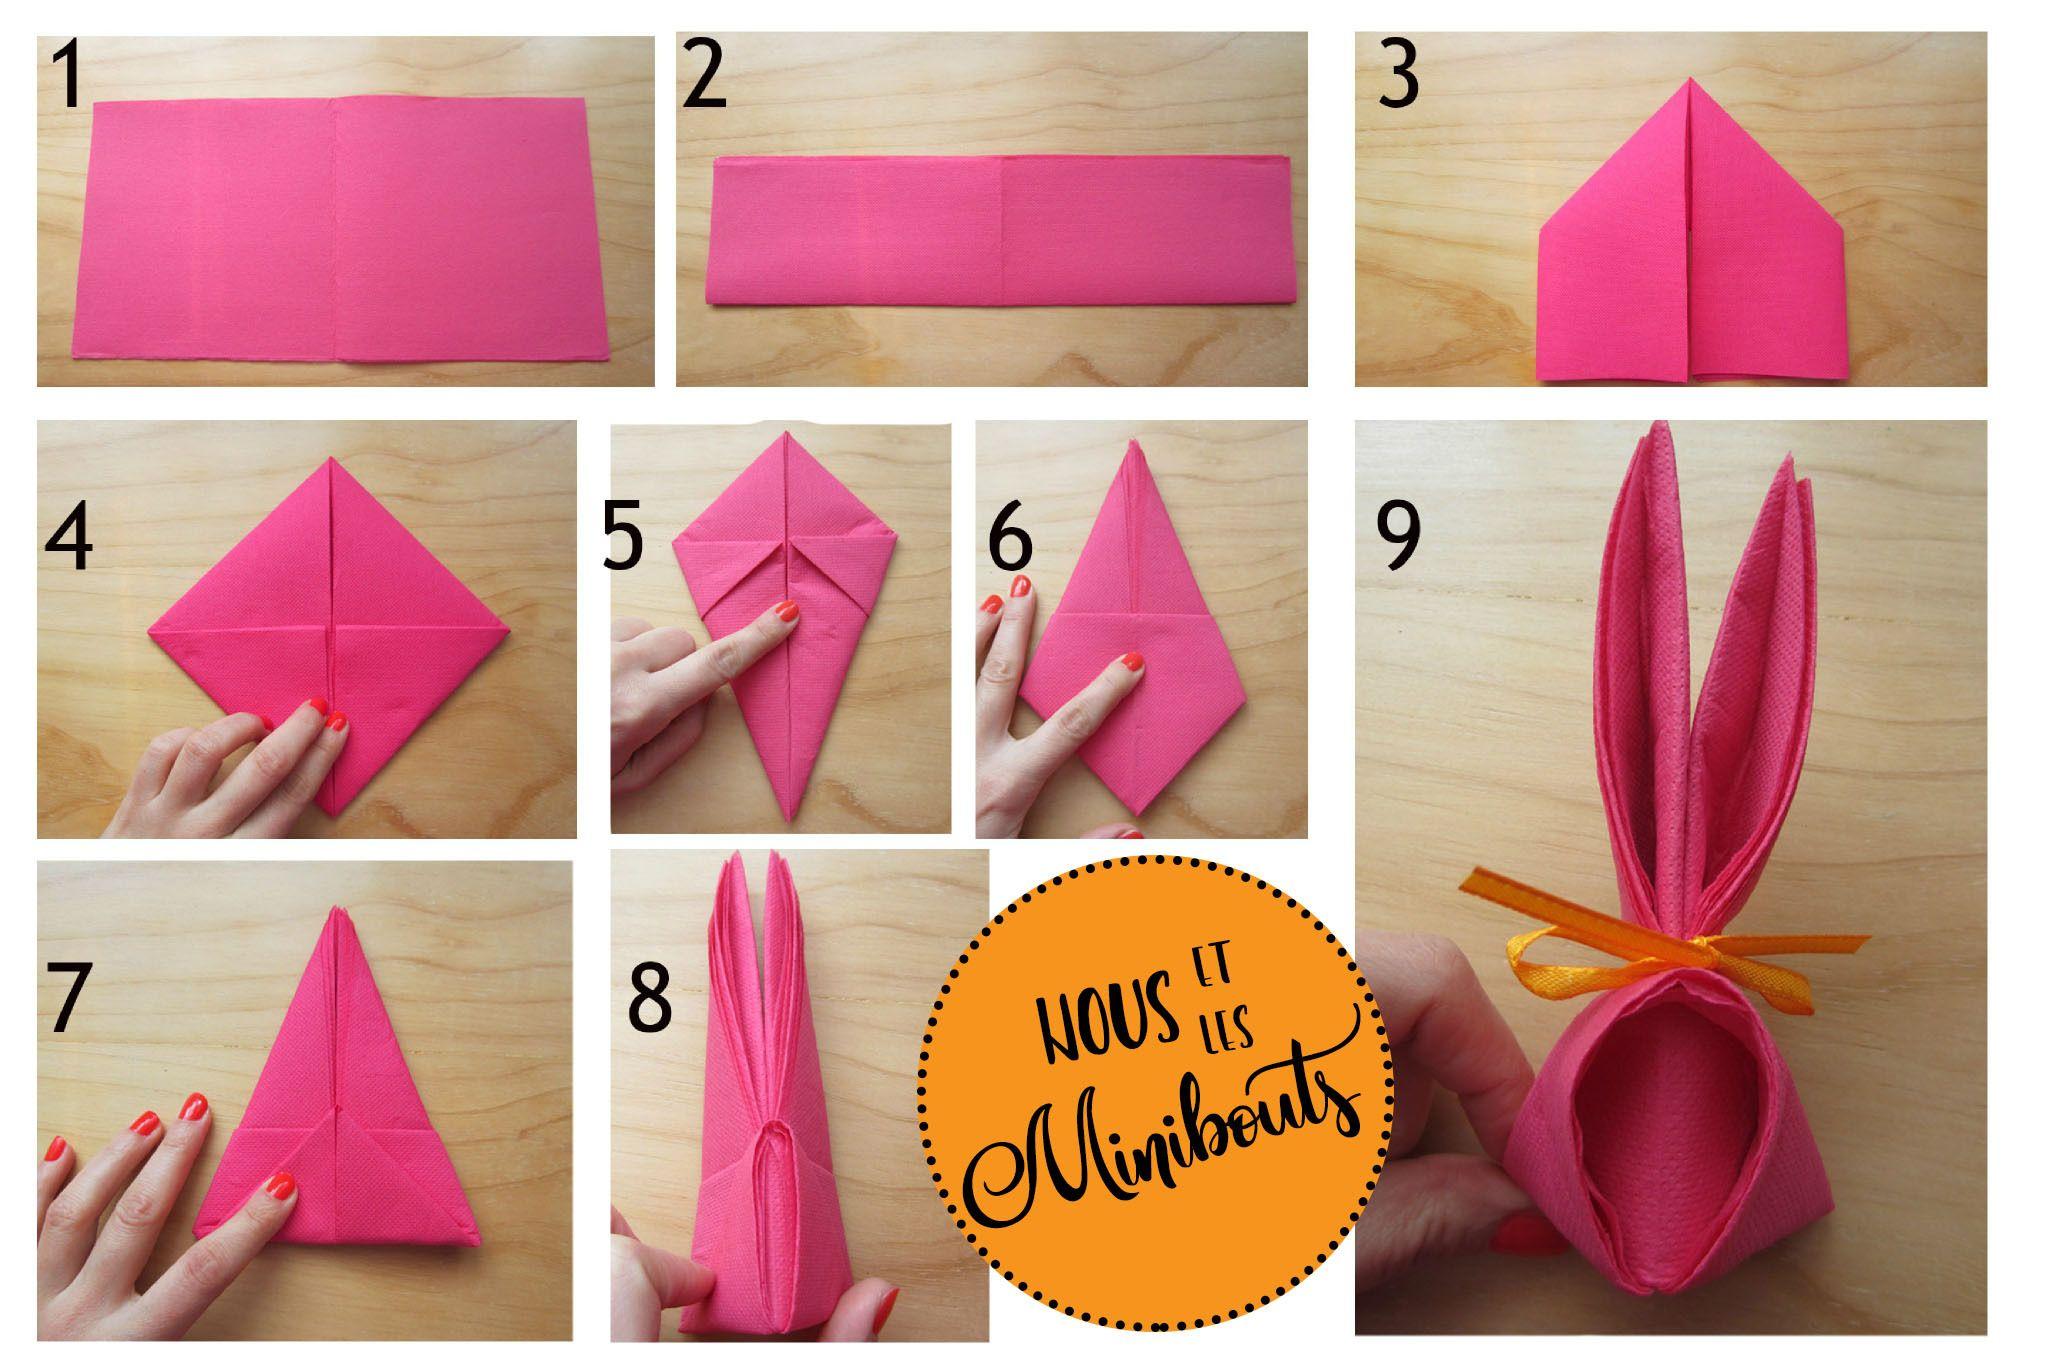 Pliage Serviette Lapin Paques Pliage Serviette Pliage Serviette Lapin Pliage Serviette Papier